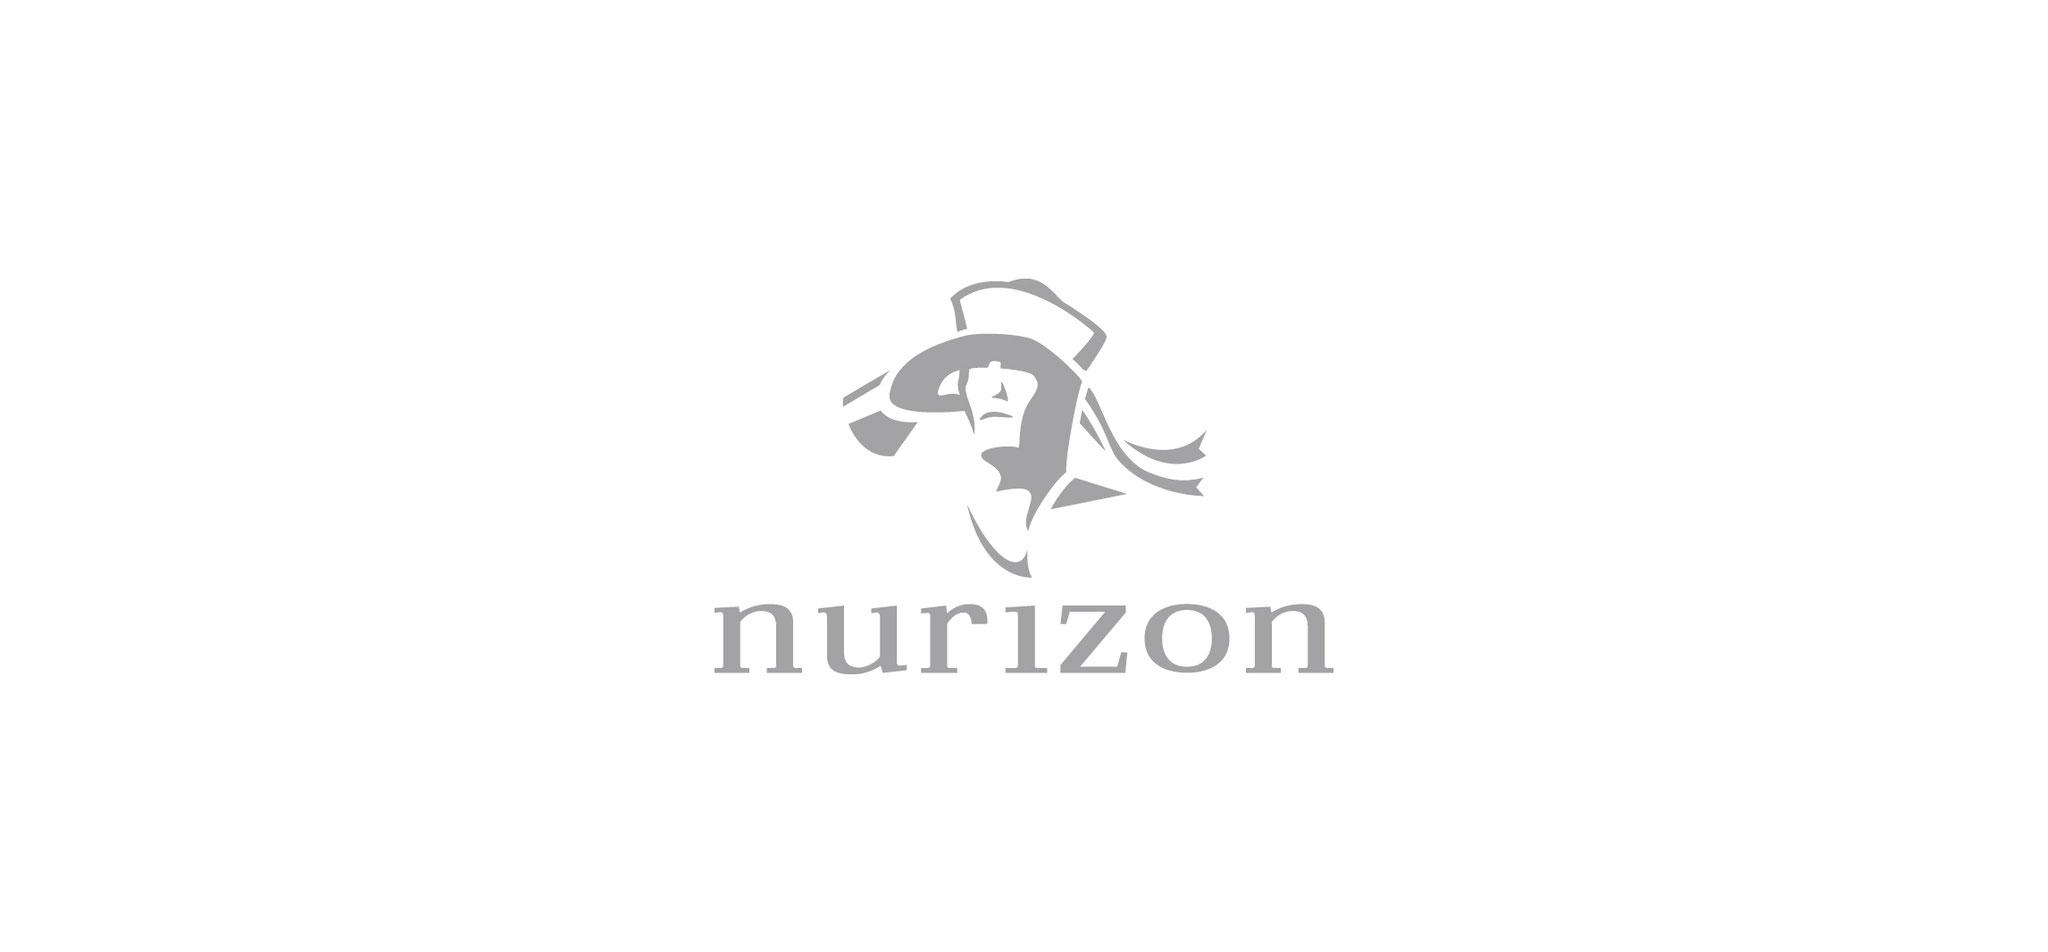 NURIZON | markenlogo – infragrau, gute gestaltung